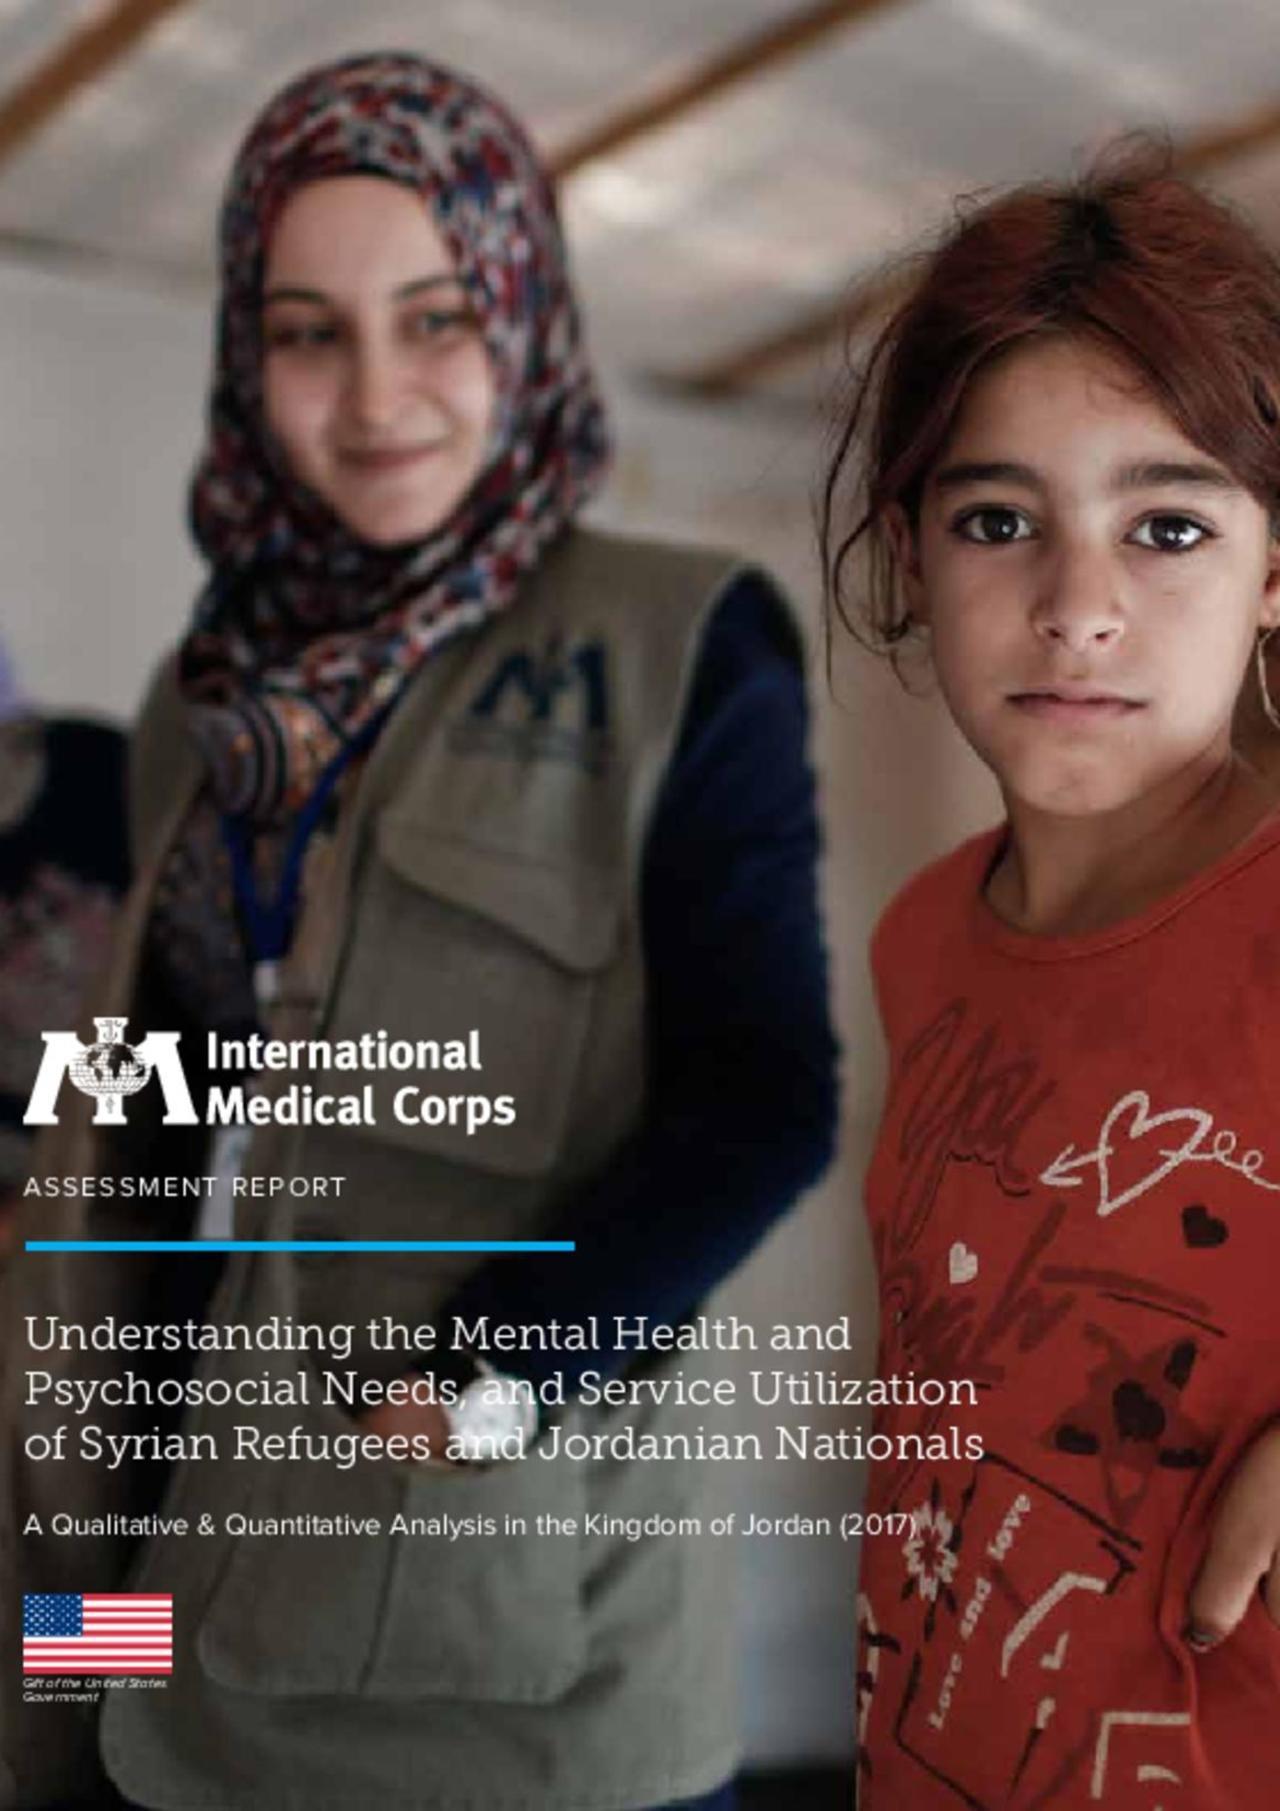 IMC 2017 Jordan MHPSS Assessment- MHPSS Needs & Service Utilization of Syrians & Jordanians